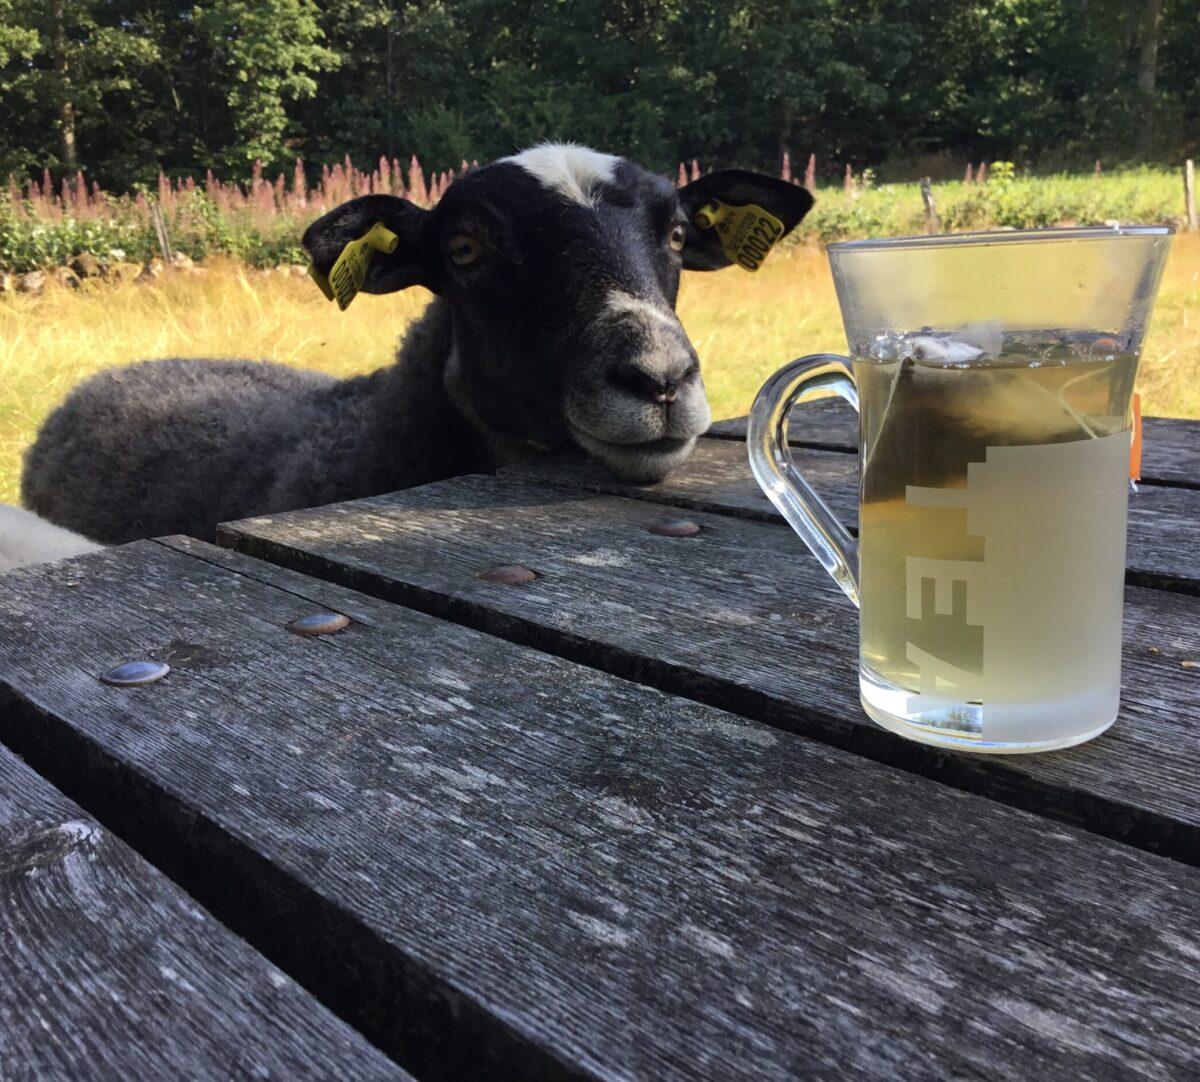 Ett får står vid ett bord och tittar på en kopp te. Foto.